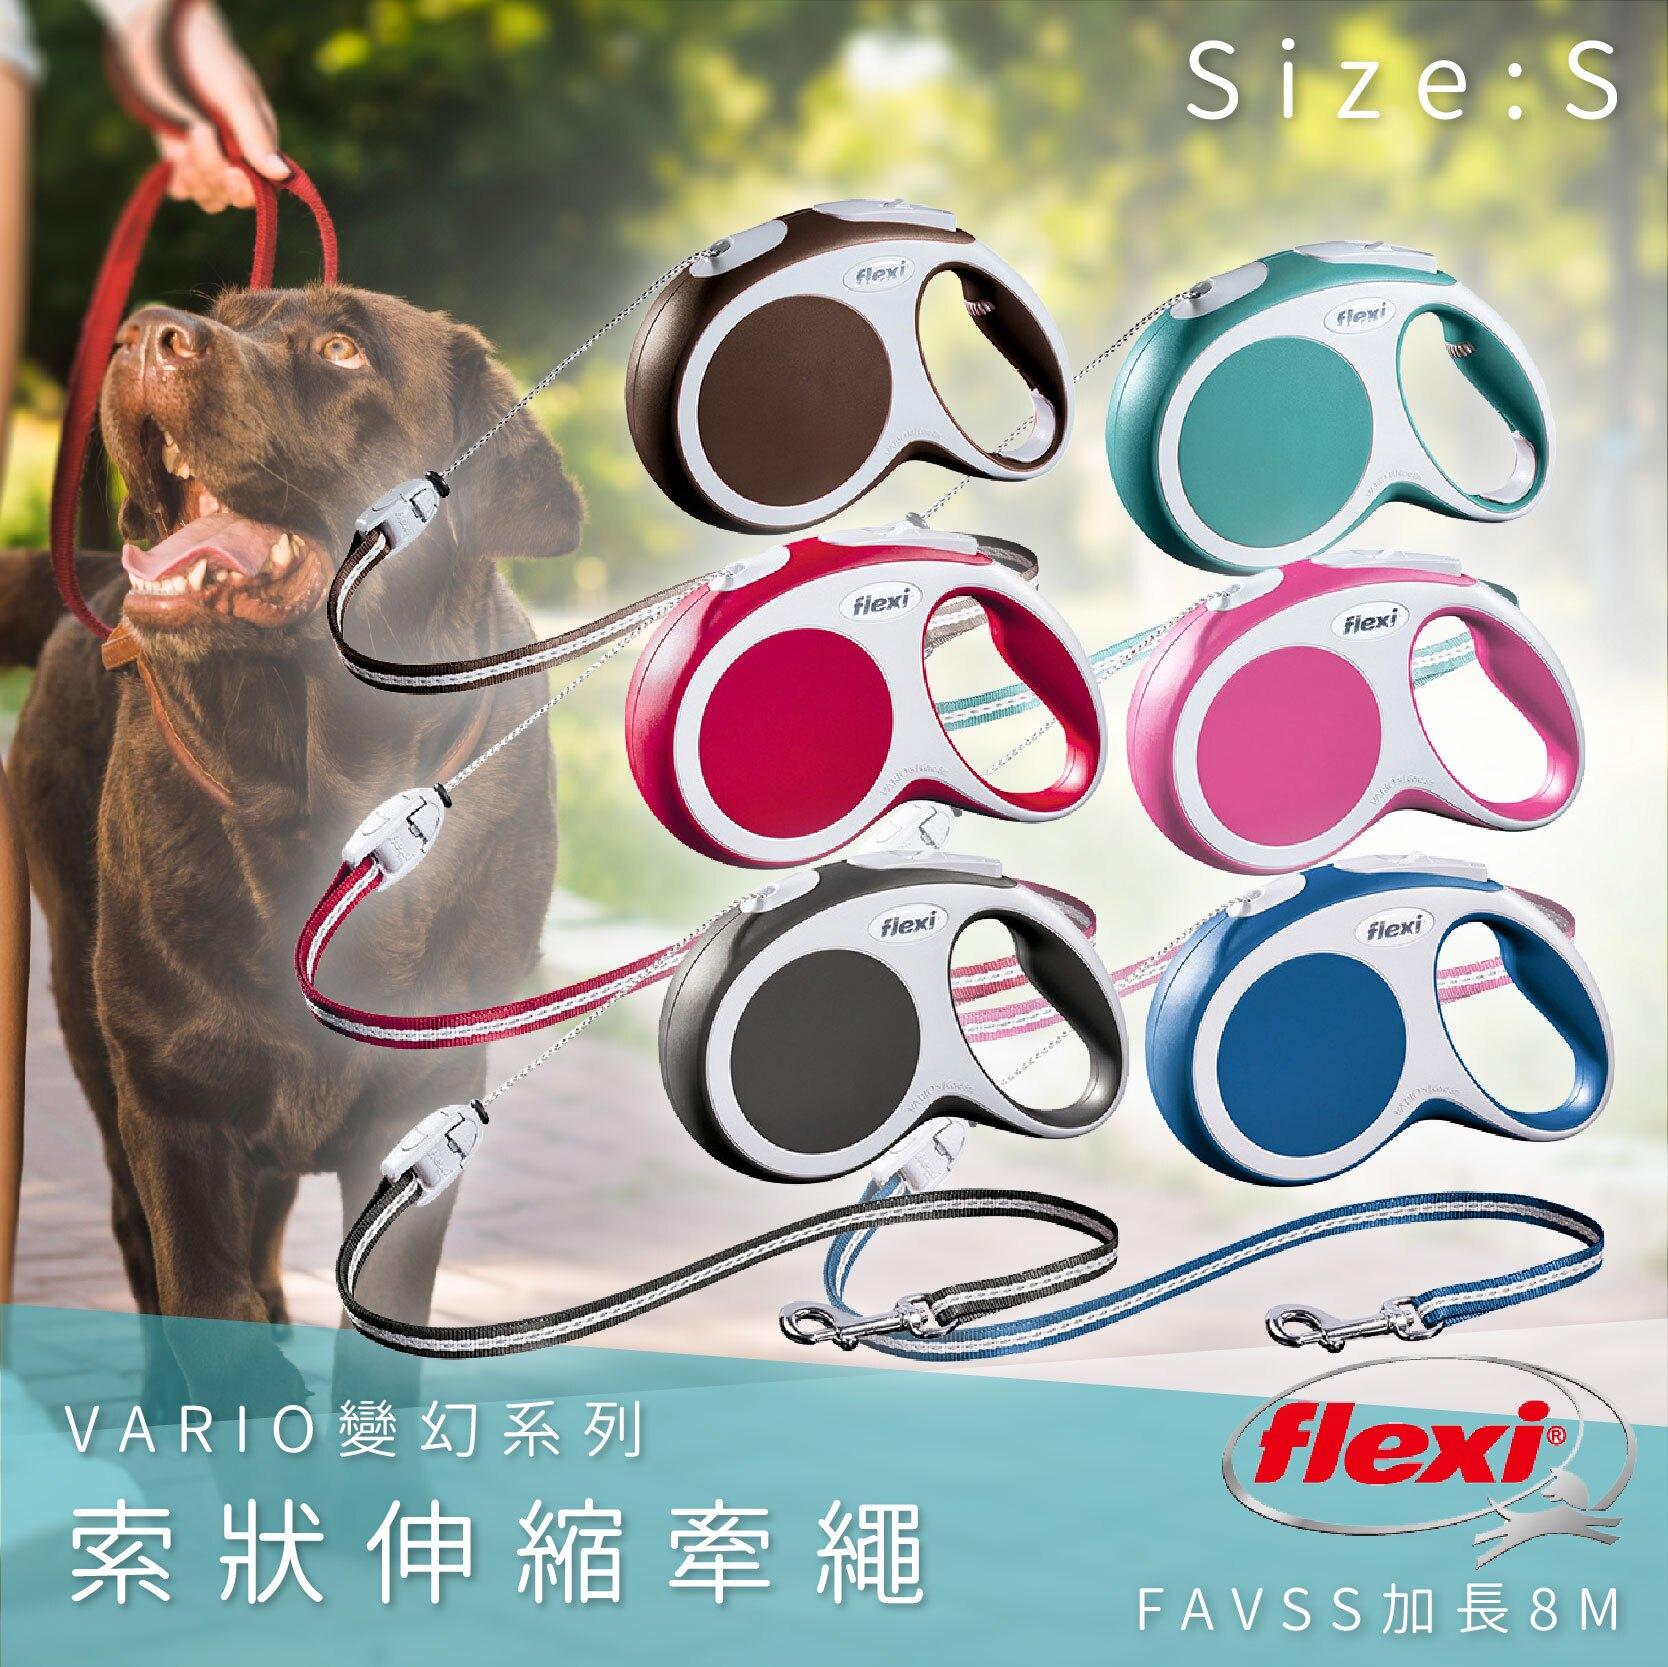 Flexi飛萊希 索狀伸縮牽繩 S加長8米 FAVSS 變幻系列 狗貓 外出用品 寵物用品 寵物牽繩 德國製 八色